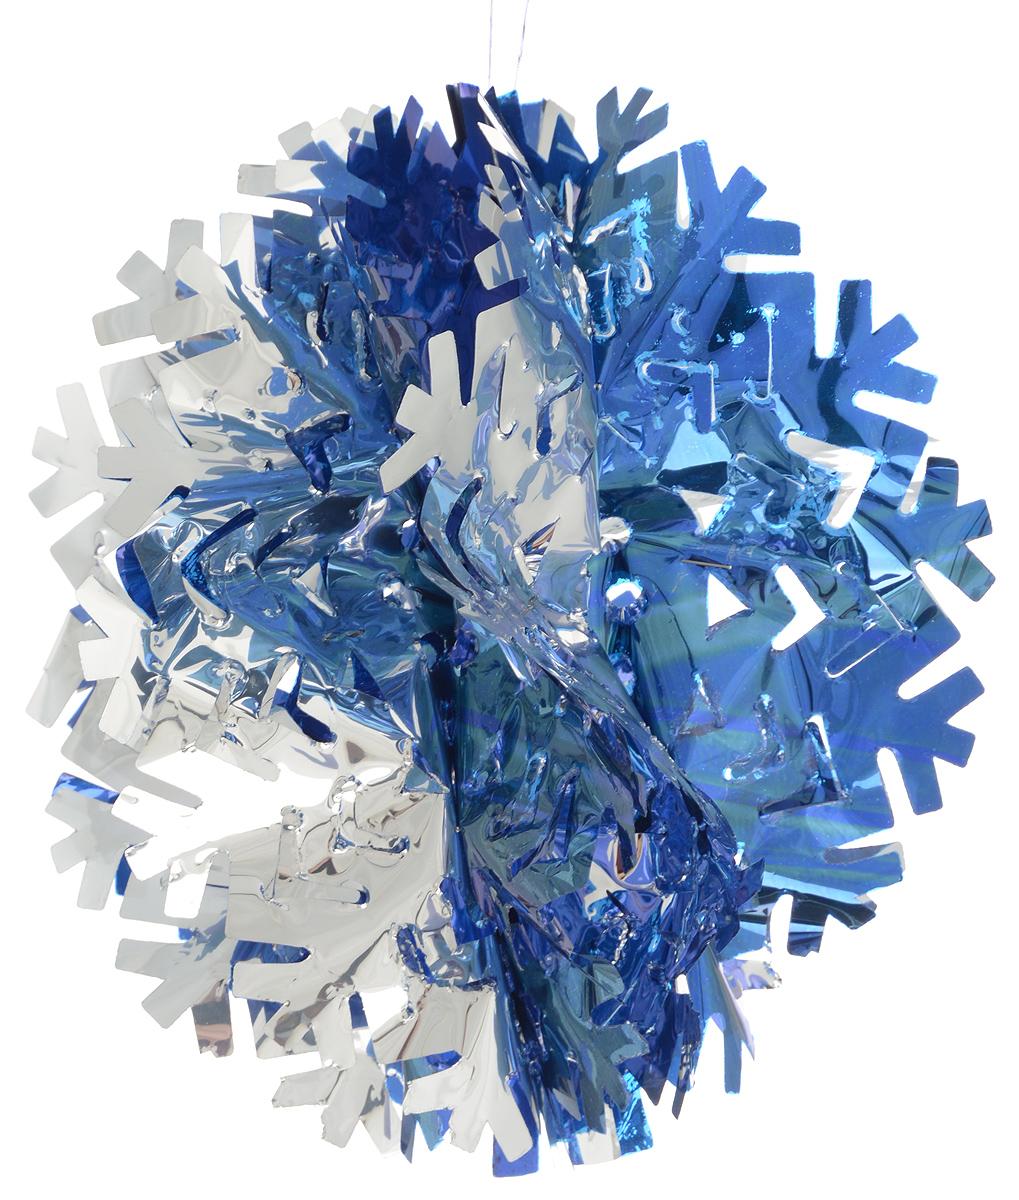 Гирлянда новогодняя Magic Time Снежинка объемная цветная, 20 х 10 см30962Новогодняя гирлянда Magic Time Снежинка объемная цветная прекрасно подойдет для декора дома и праздничной елки. Украшение выполнено из ПЭТ. С помощью специальной петельки гирлянду можно повесить в любом понравившемся вам месте. Легко складывается и раскладывается. Новогодние украшения несут в себе волшебство и красоту праздника. Они помогут вам украсить дом к предстоящим праздникам и оживить интерьер по вашему вкусу. Создайте в доме атмосферу тепла, веселья и радости, украшая его всей семьей.